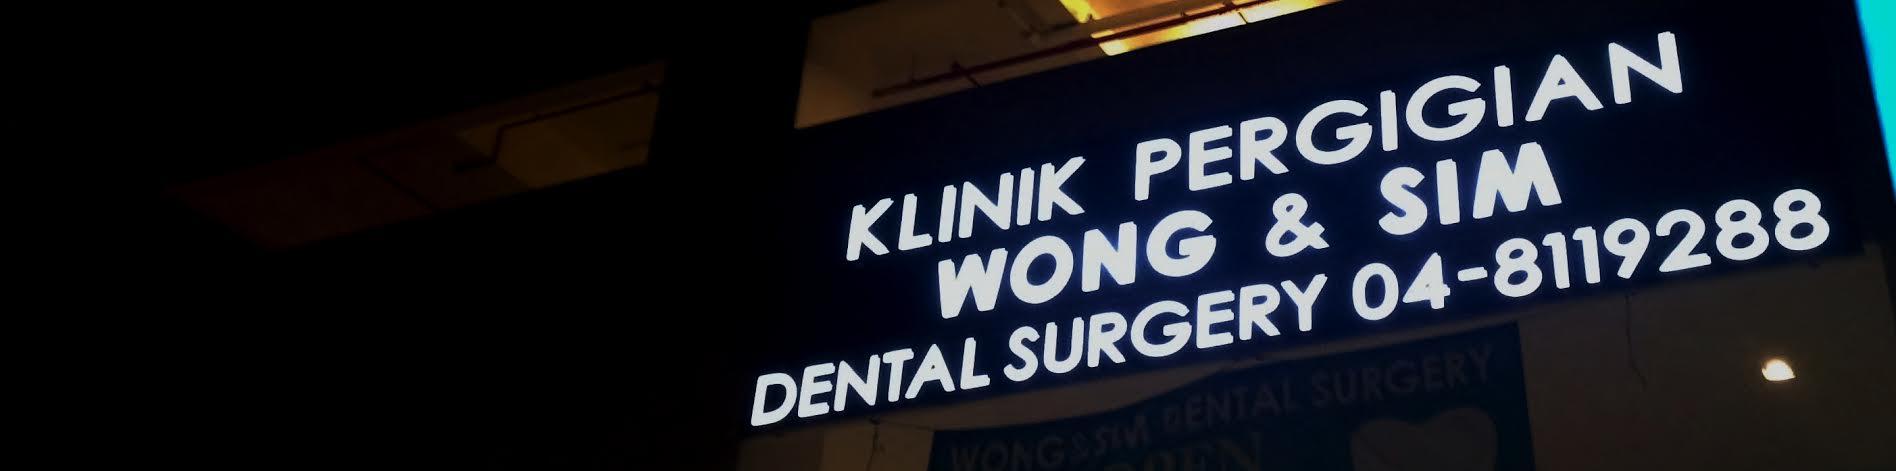 Klinik Pergigian Wong & Sim